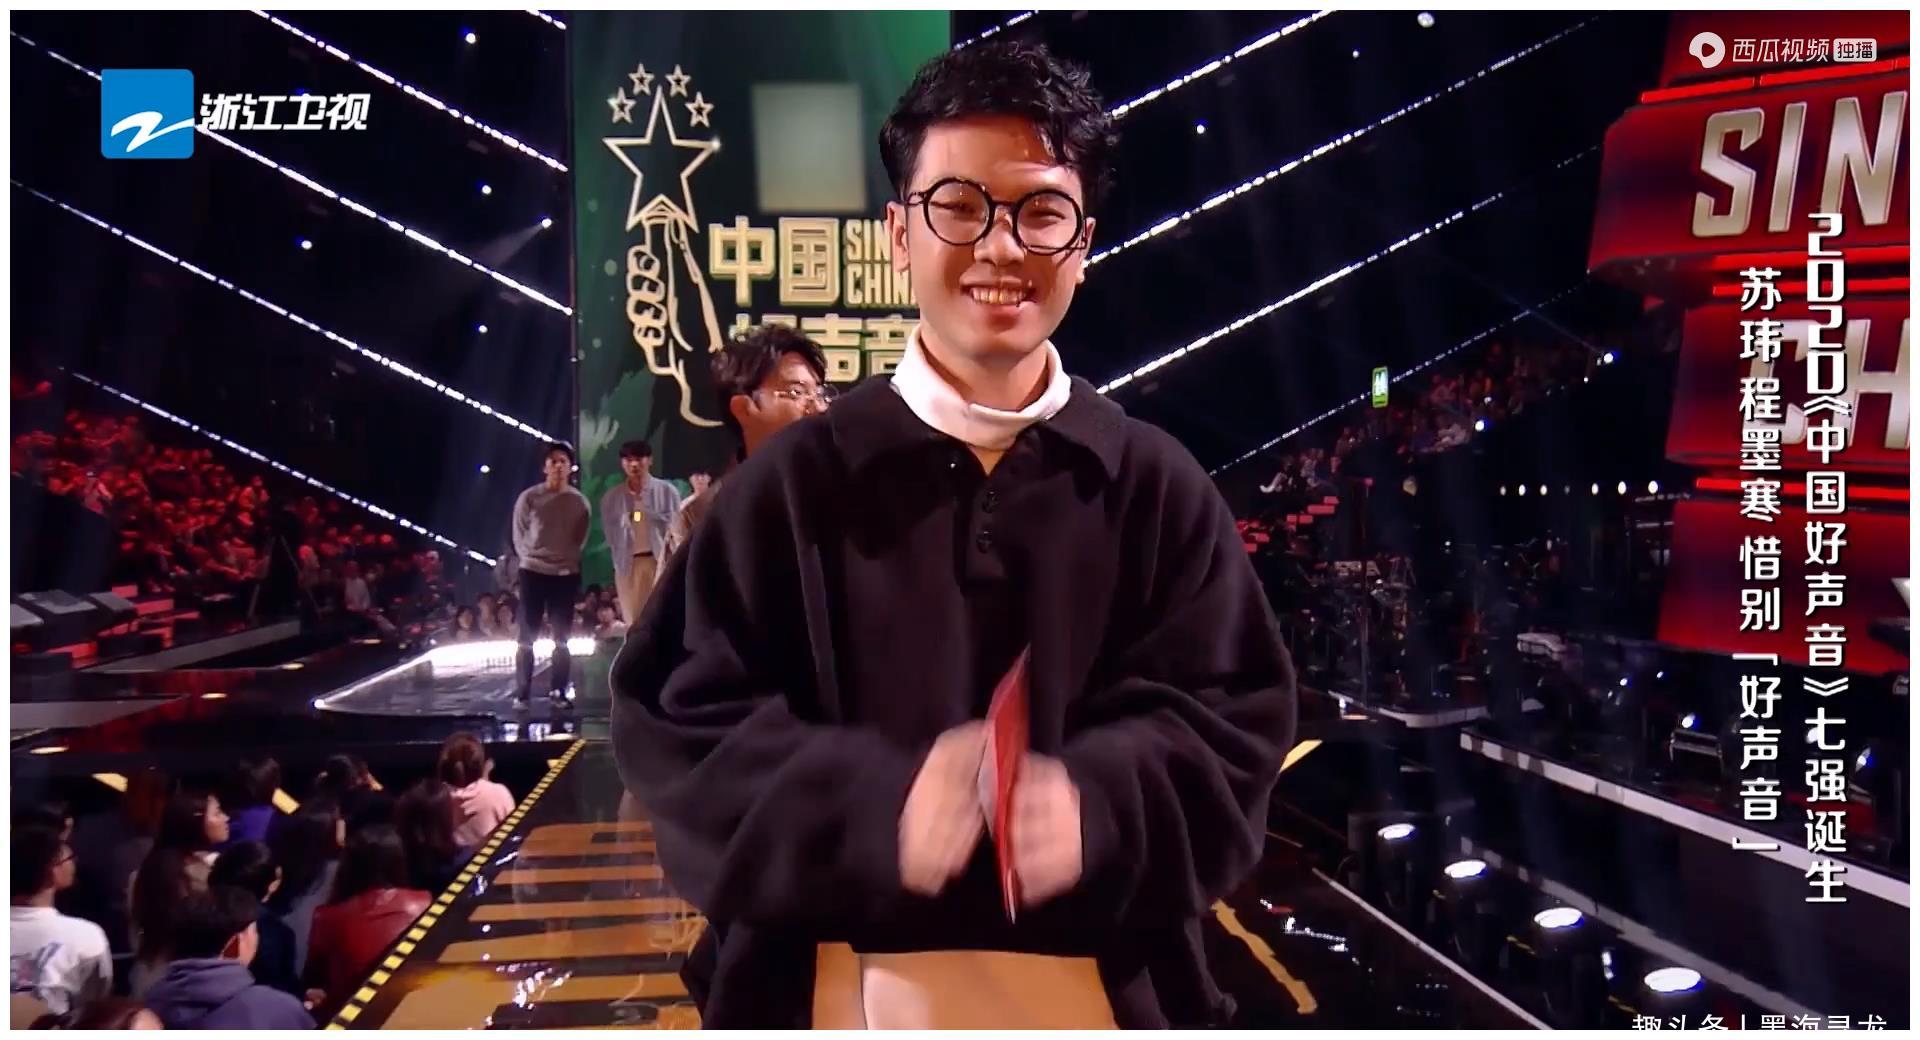 中国好声音:苏玮获李健评价可以成为职业歌手,为何得票却那么低